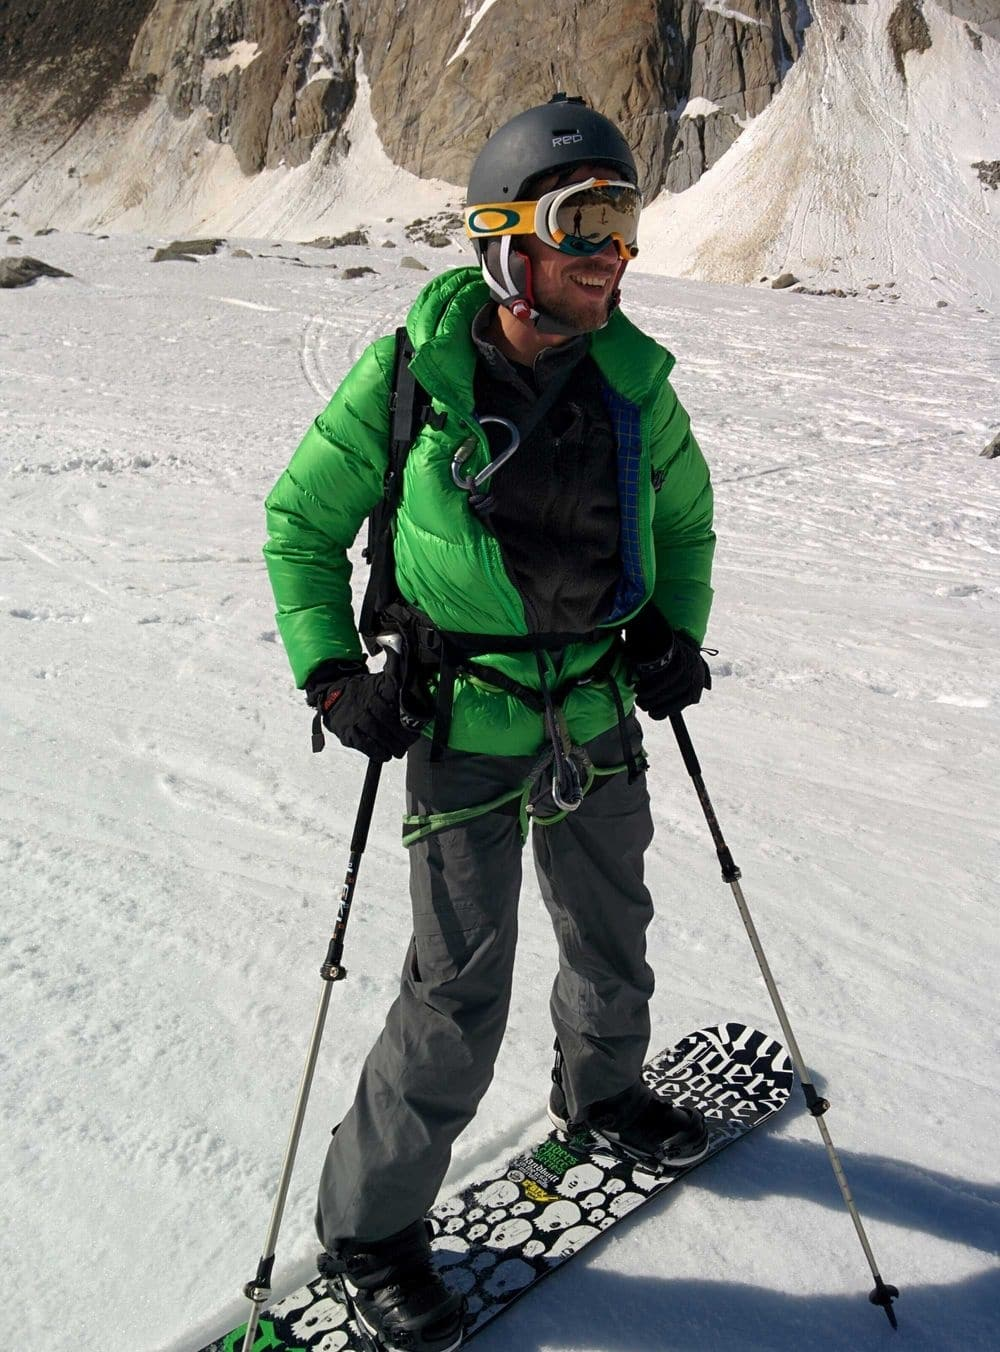 Vallée Blanche / Mer du Glace Skiabfahrt: Tipps und Ausrüstung